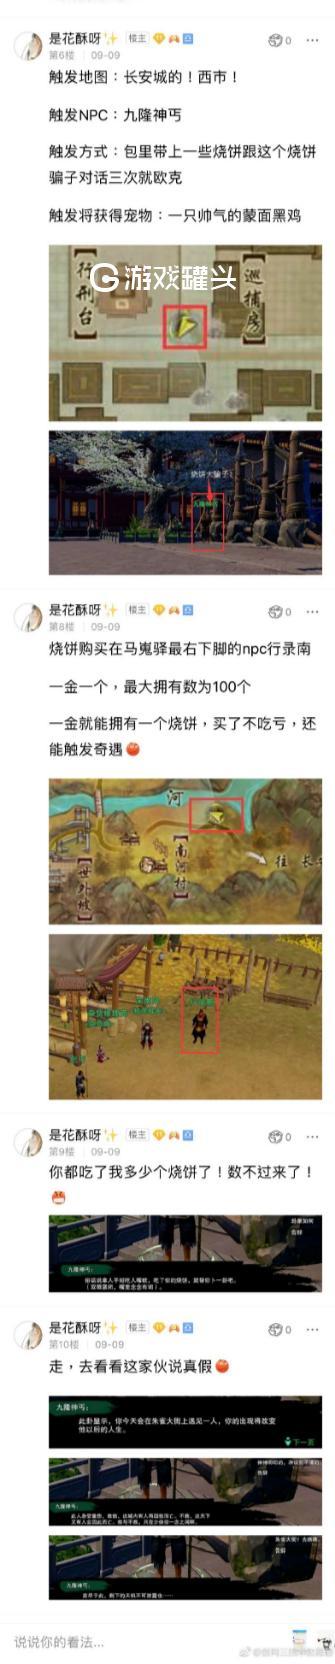 劍網三重置版荊軻刺奇遇攻略 長安城黑雞黑刺客怎么獲得